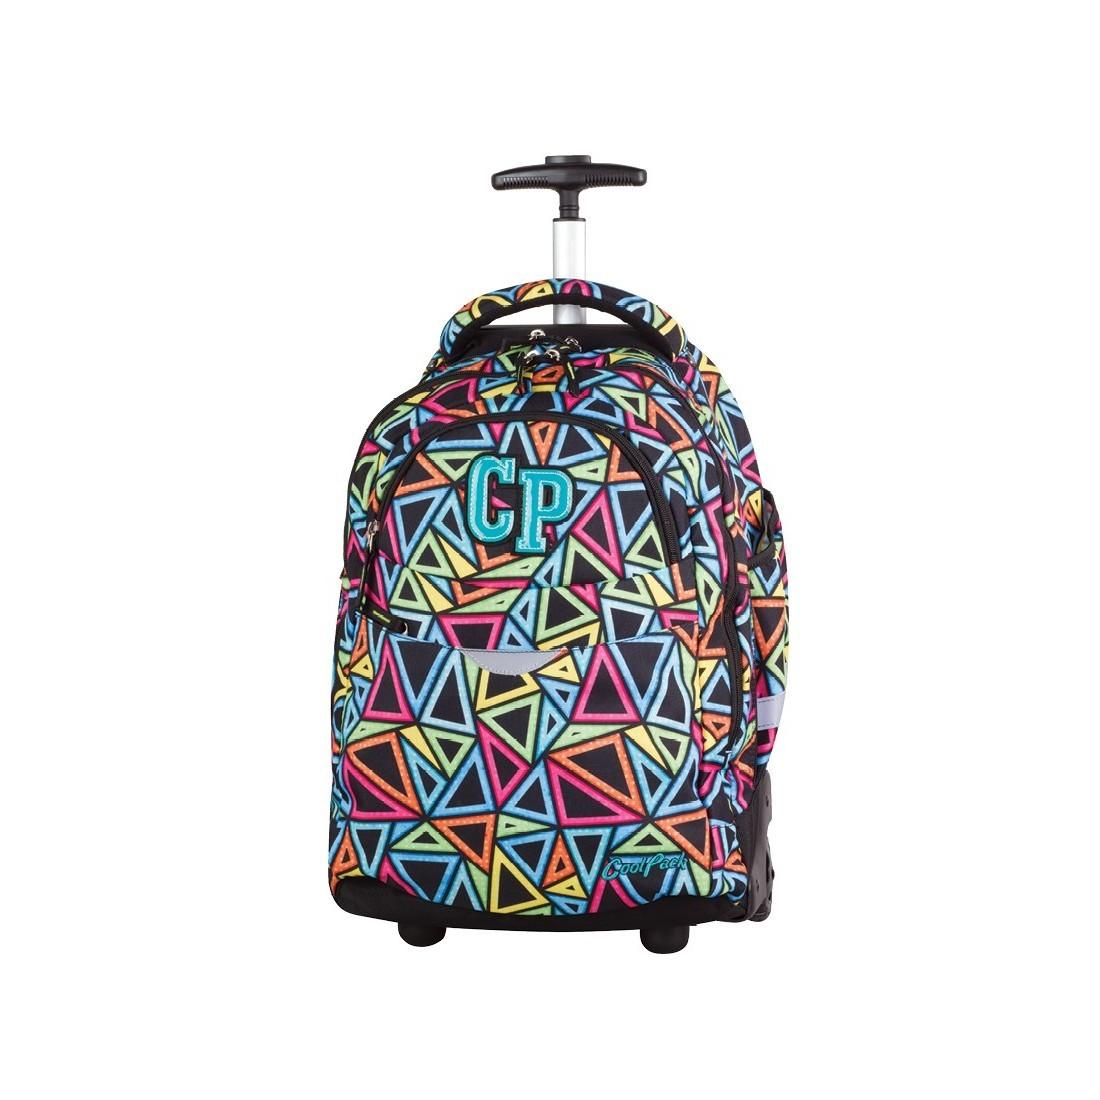 93ce4d05a6ab5 CoolPack CP plecak do szkoły na kółkach z kolorowymi trójkątami - super  model dla dziewczynki